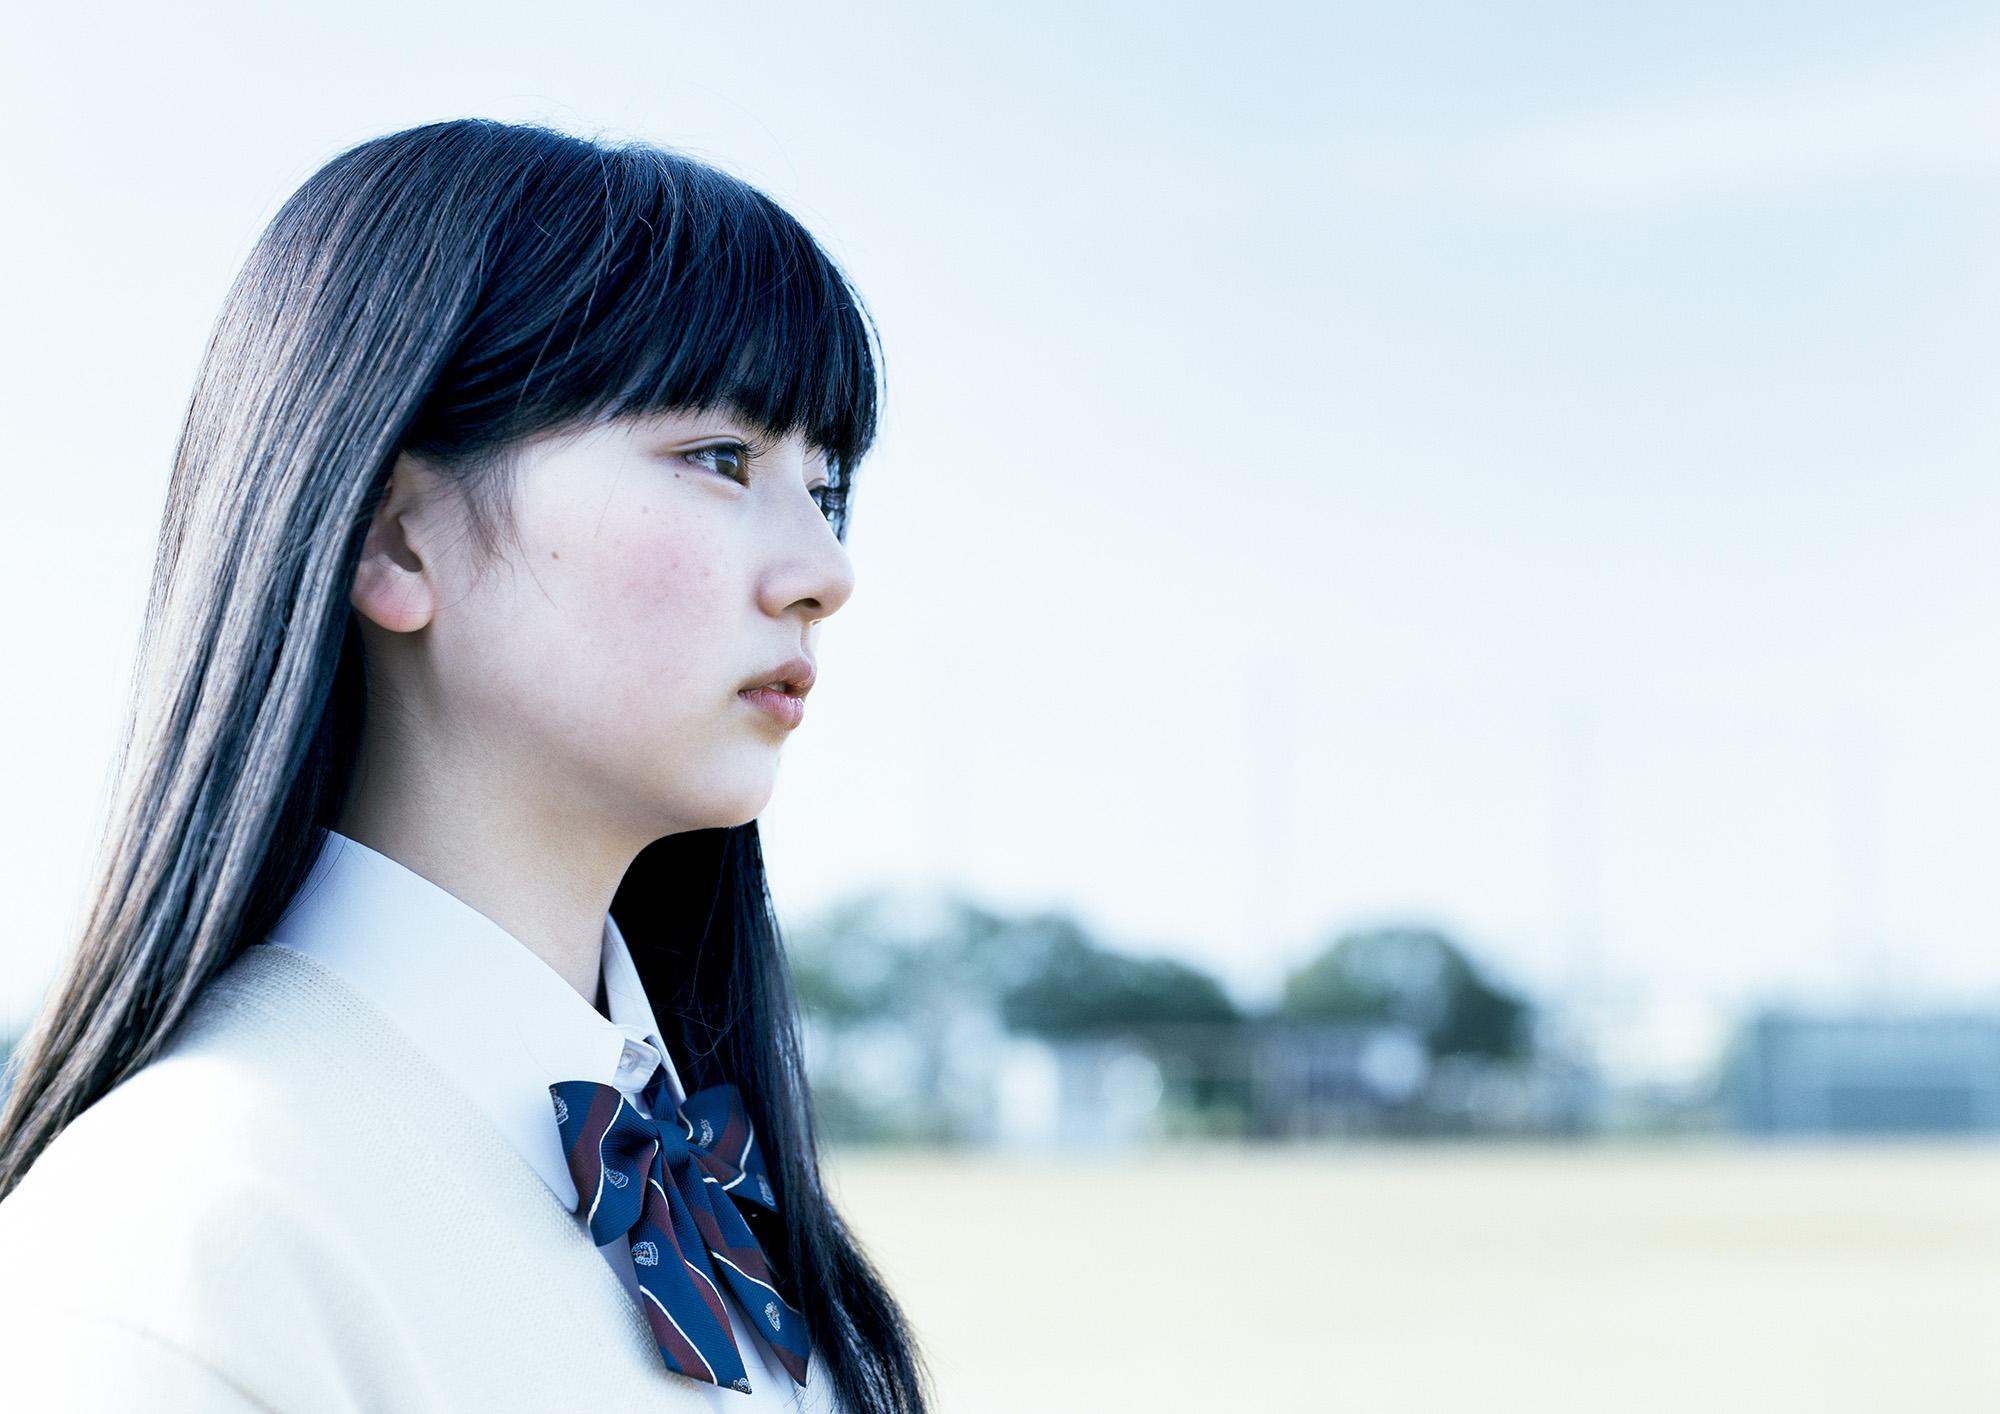 61_村田製作所_女の子_2000px_72dpi.jpg